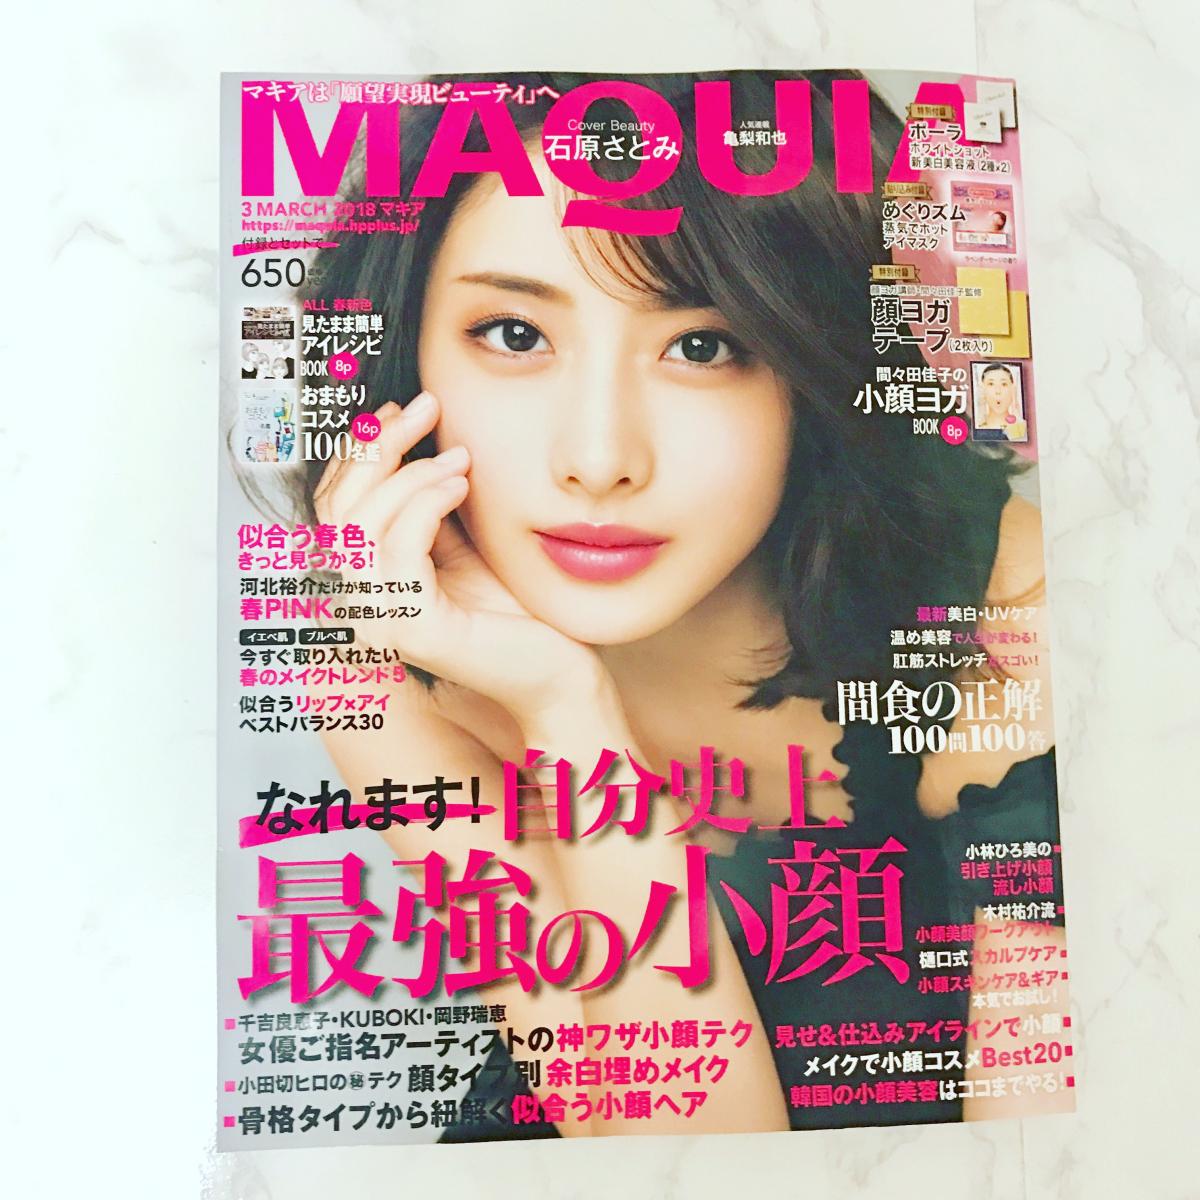 マキア3月号読みどころ